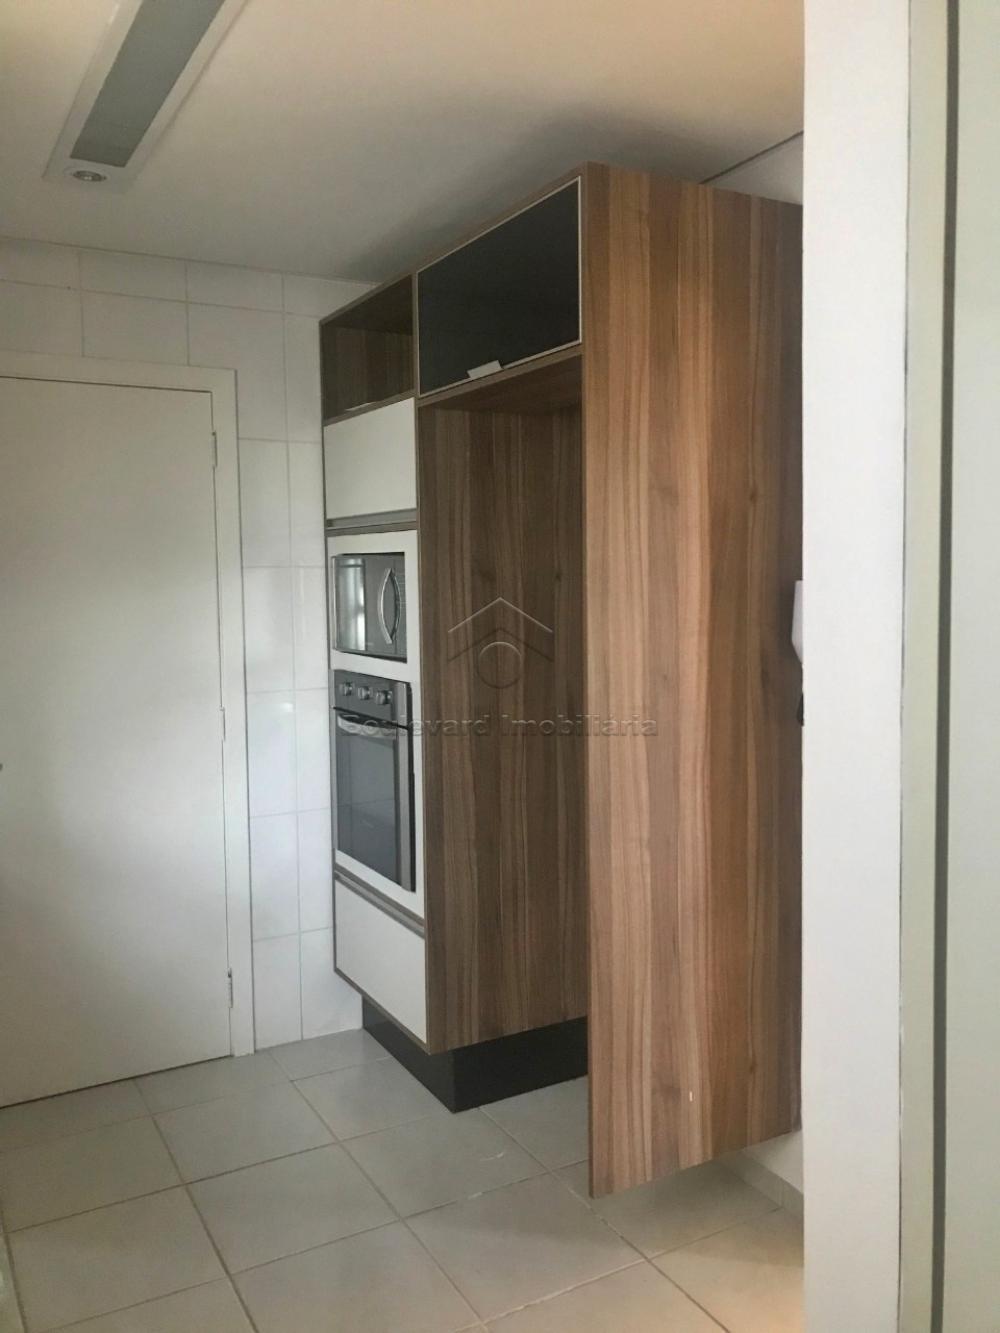 Alugar Apartamento / Padrão em Ribeirão Preto R$ 2.100,00 - Foto 11